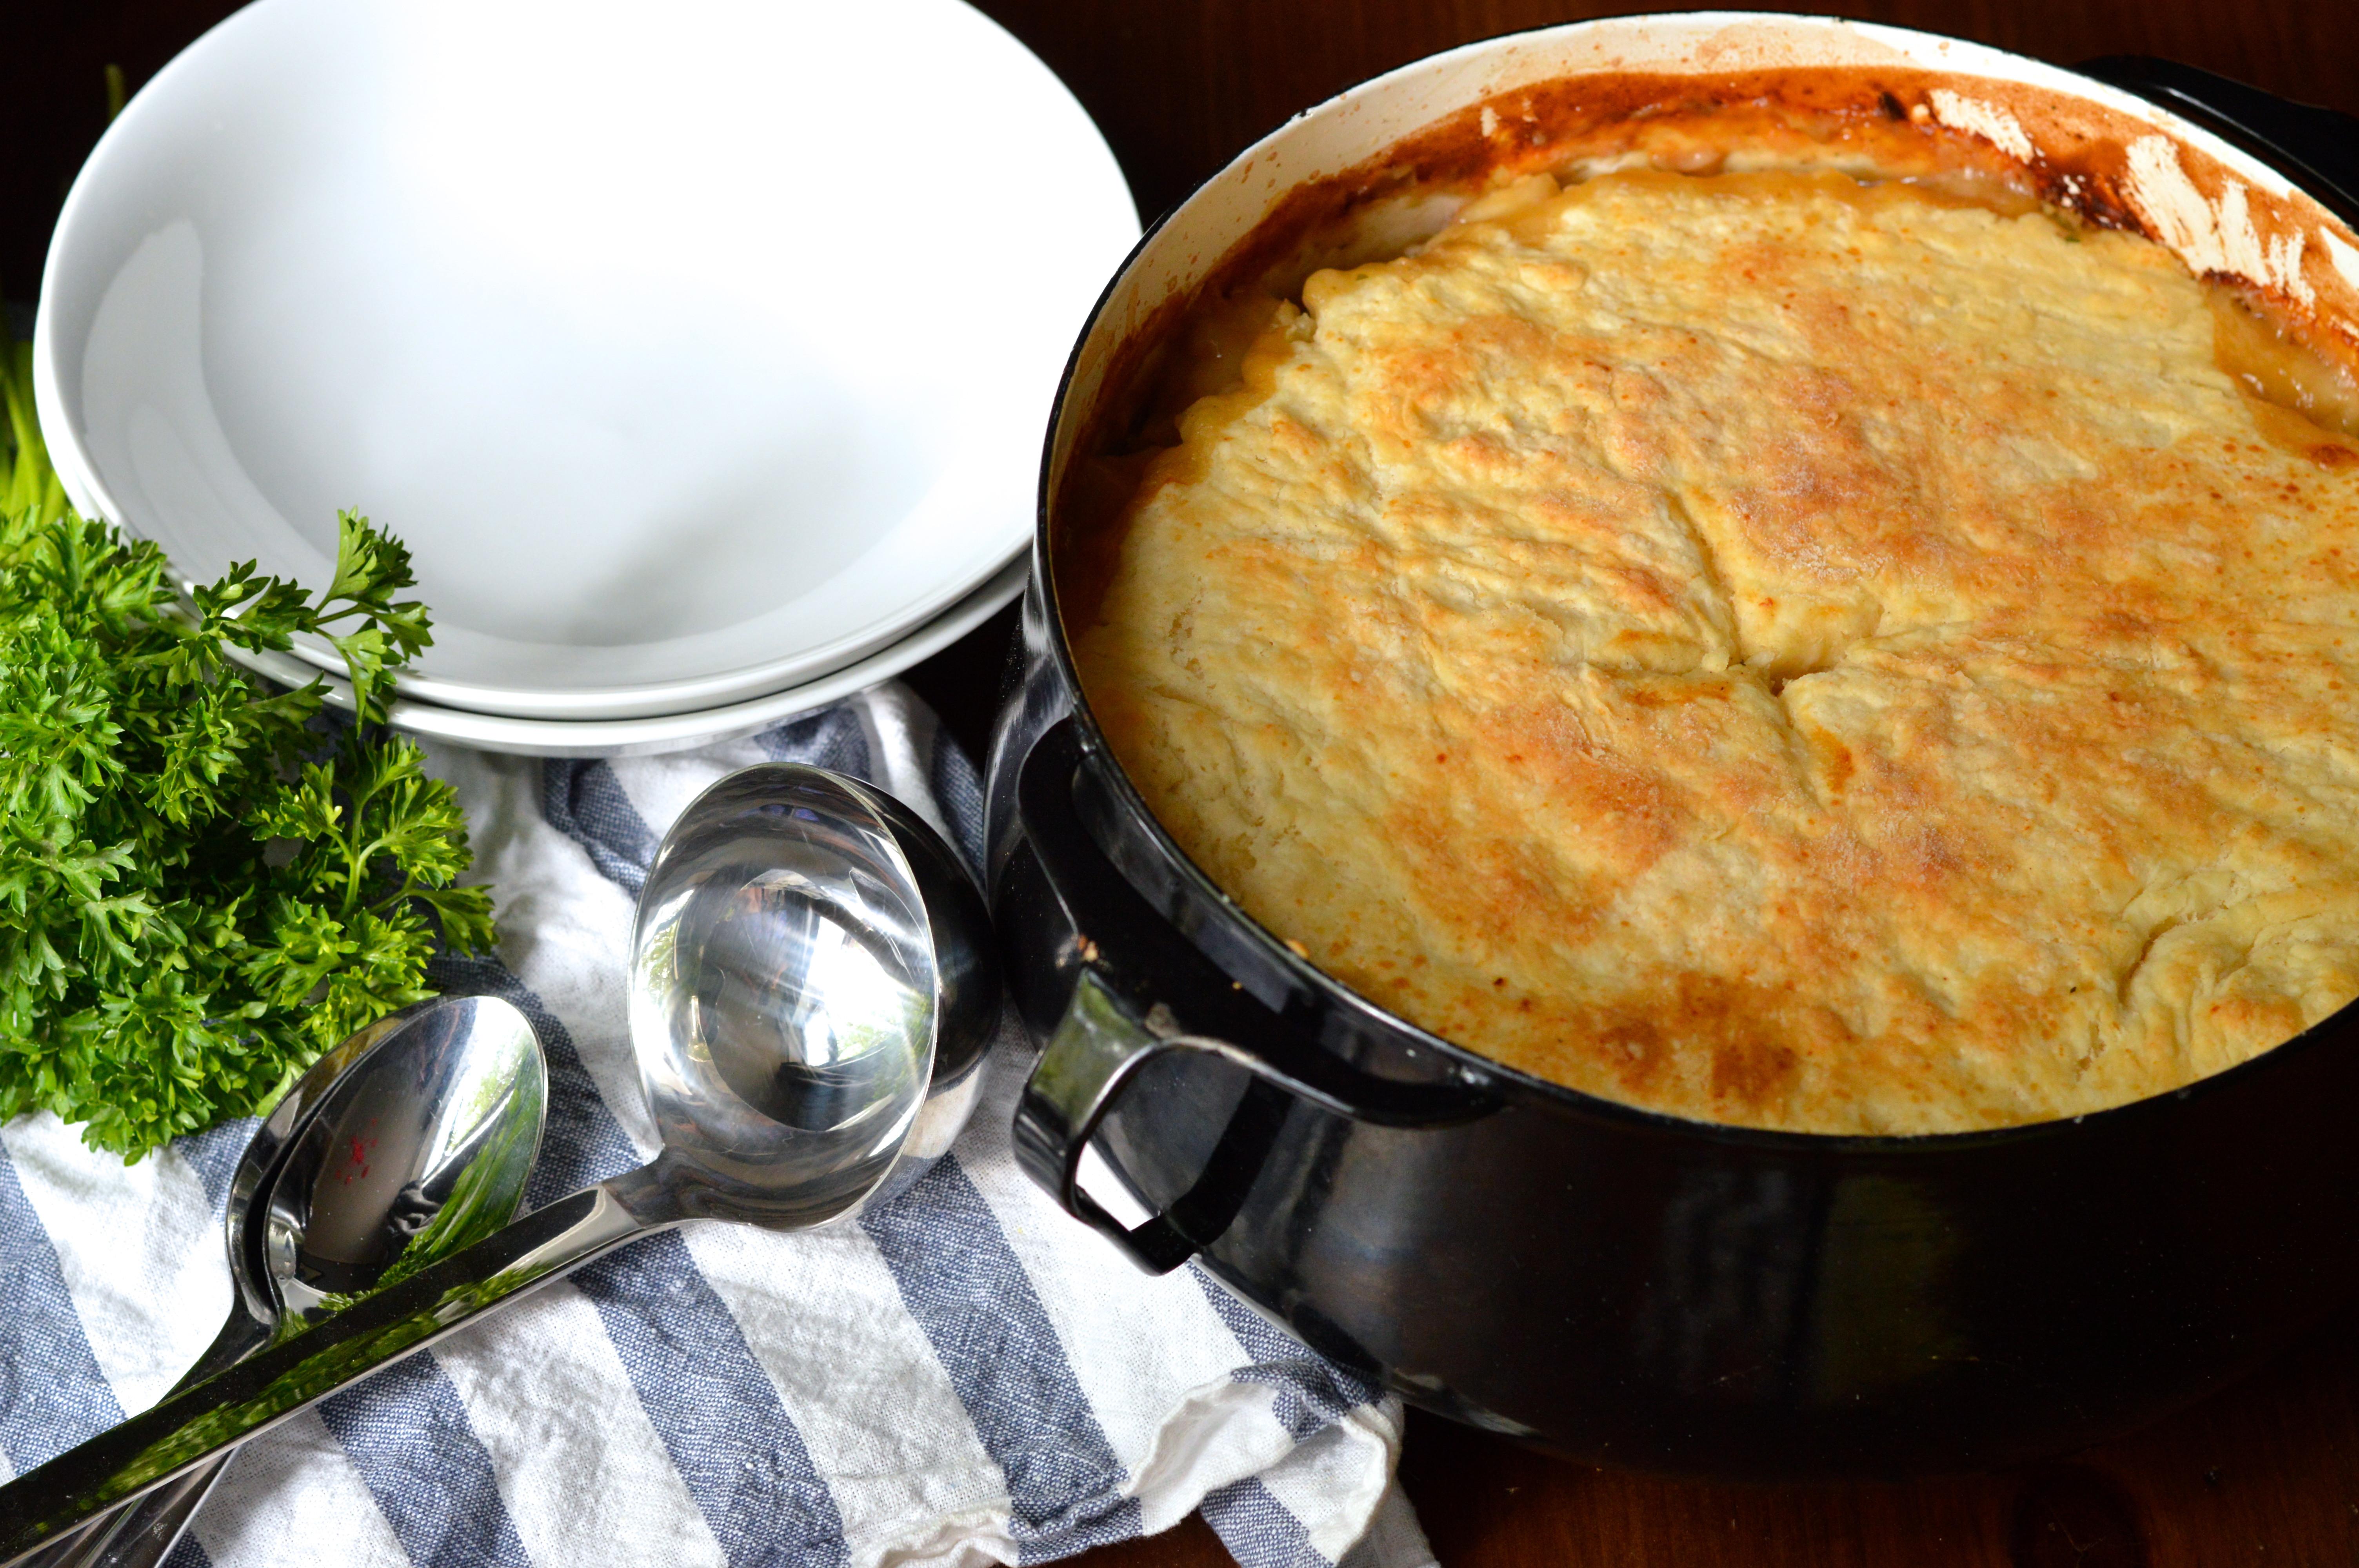 Homemade Chicken Pot Pie Crust  homemade chicken pot pie with buttermilk biscuit crust